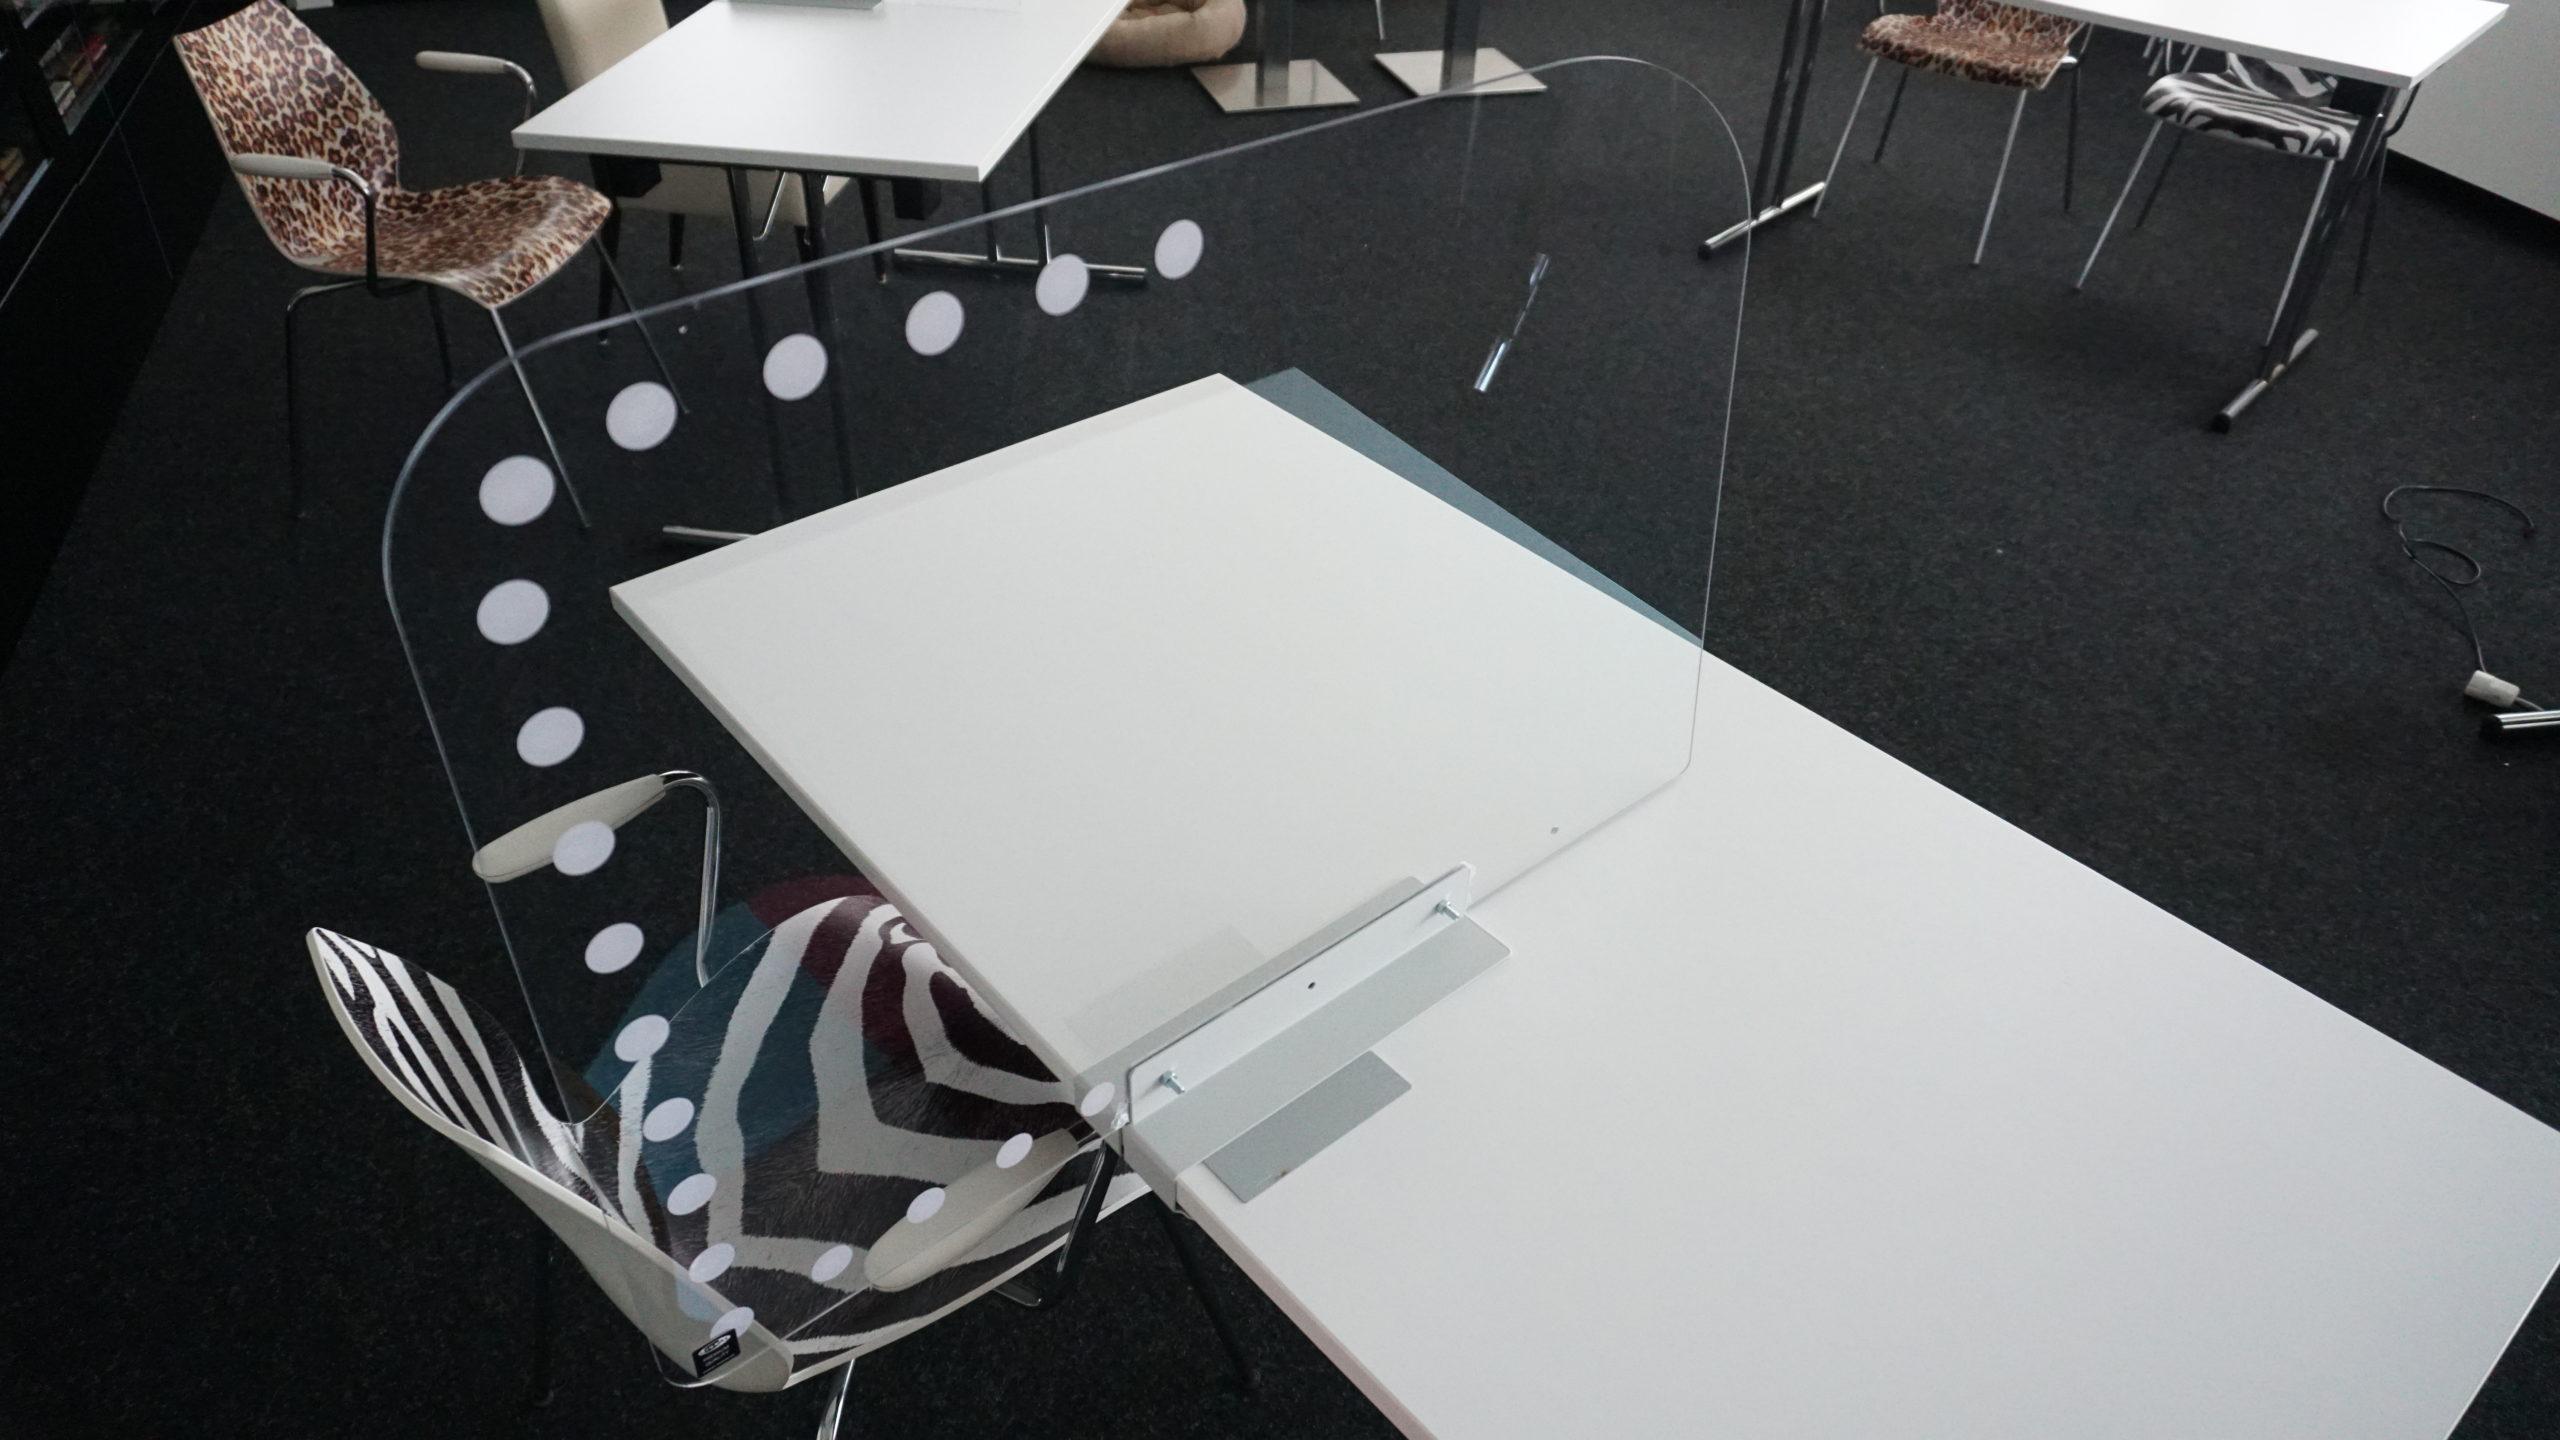 Klemmhalter Hygienewand Trennwand Tischplatte Halter Plexiglas Acrylglas